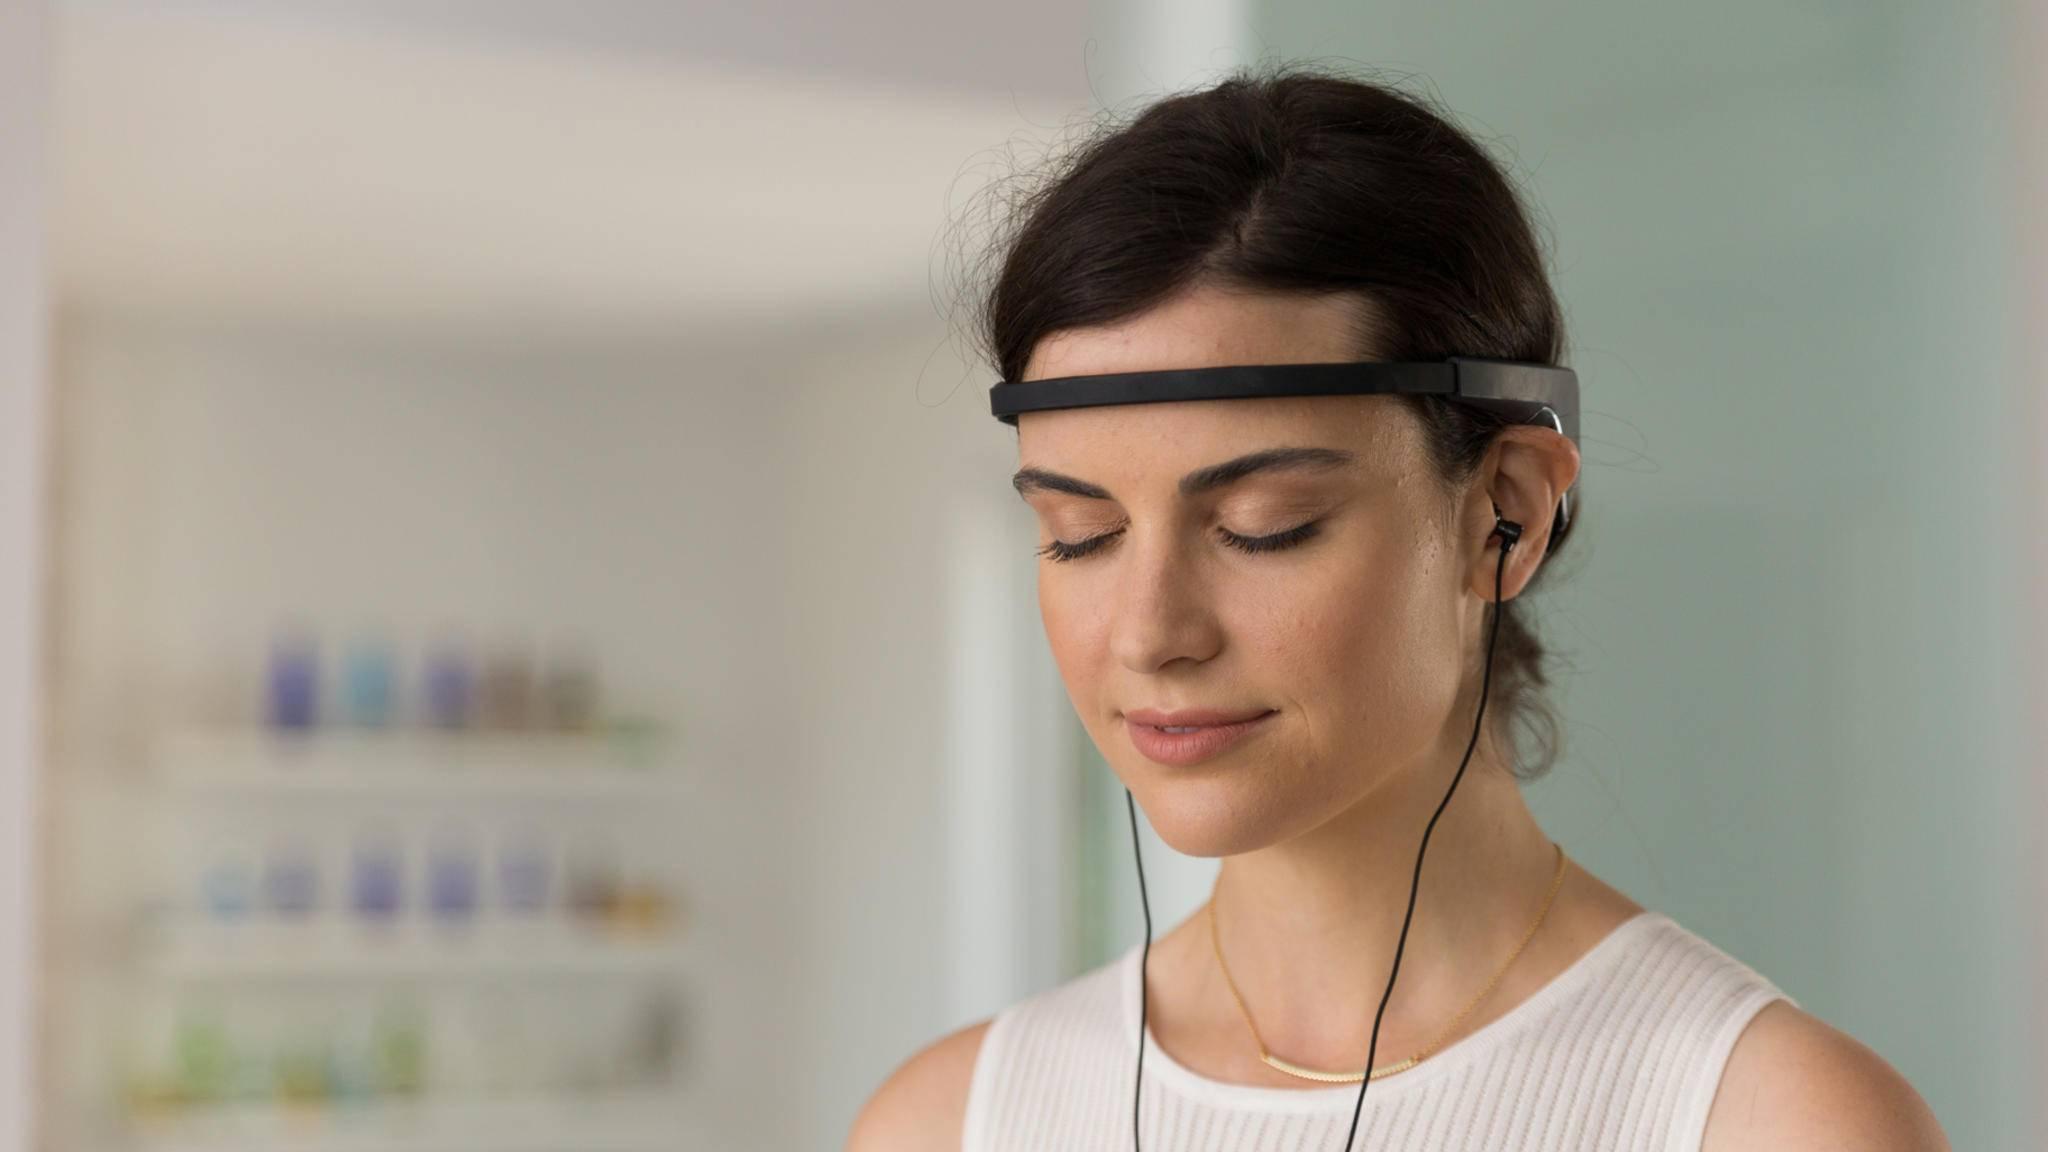 Das Headband Muse hilft seinem Träger beim Meditieren.